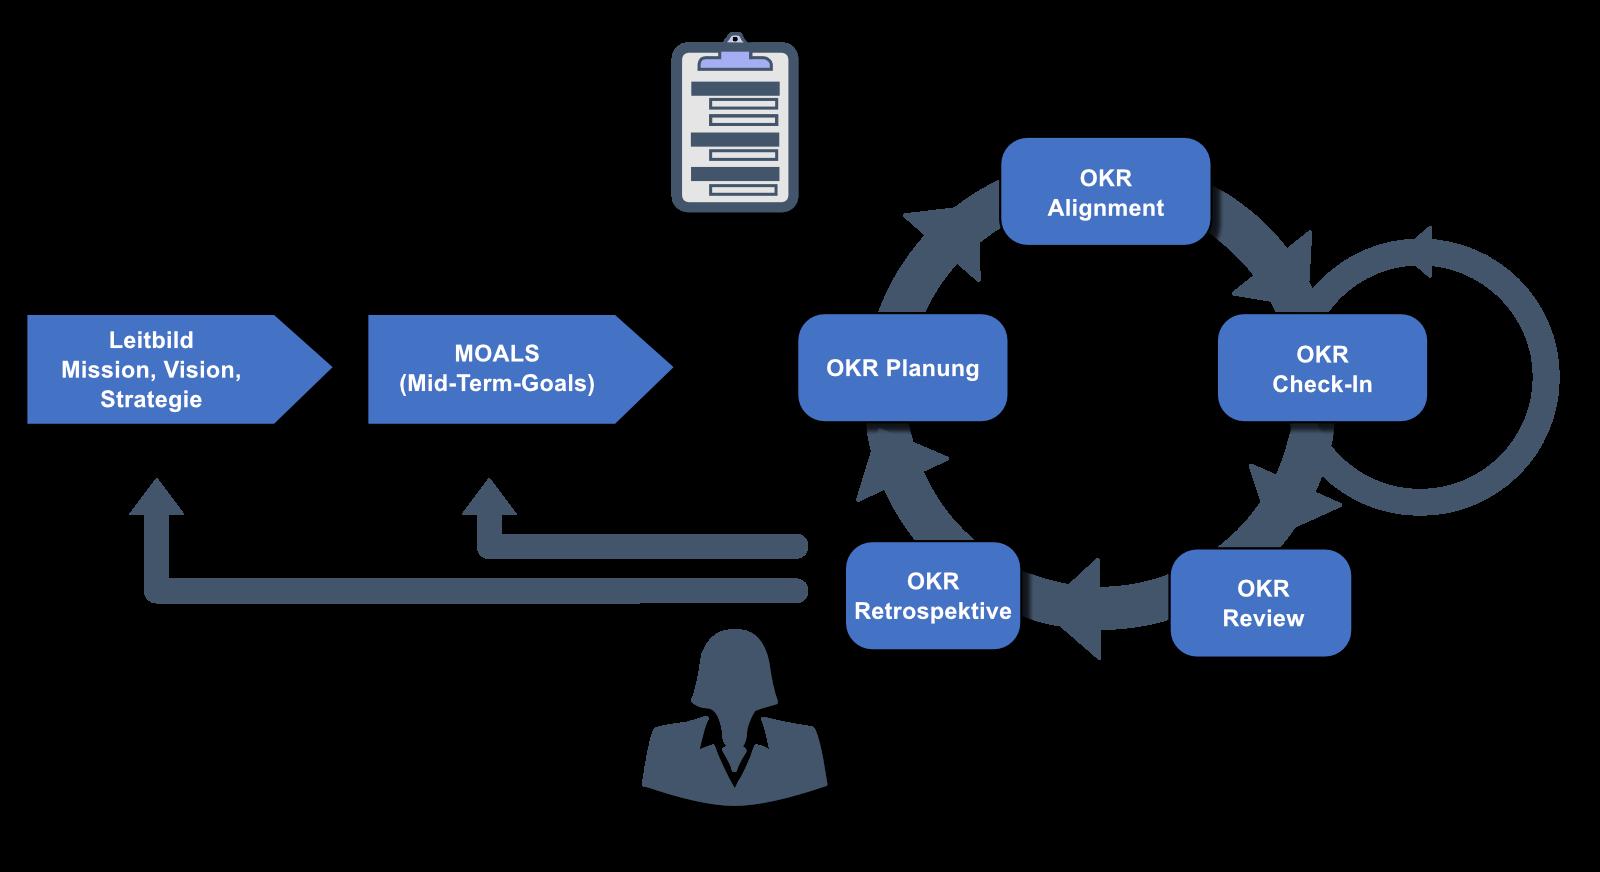 OKR-Zyklus - Strategieentwicklung und Ablauf